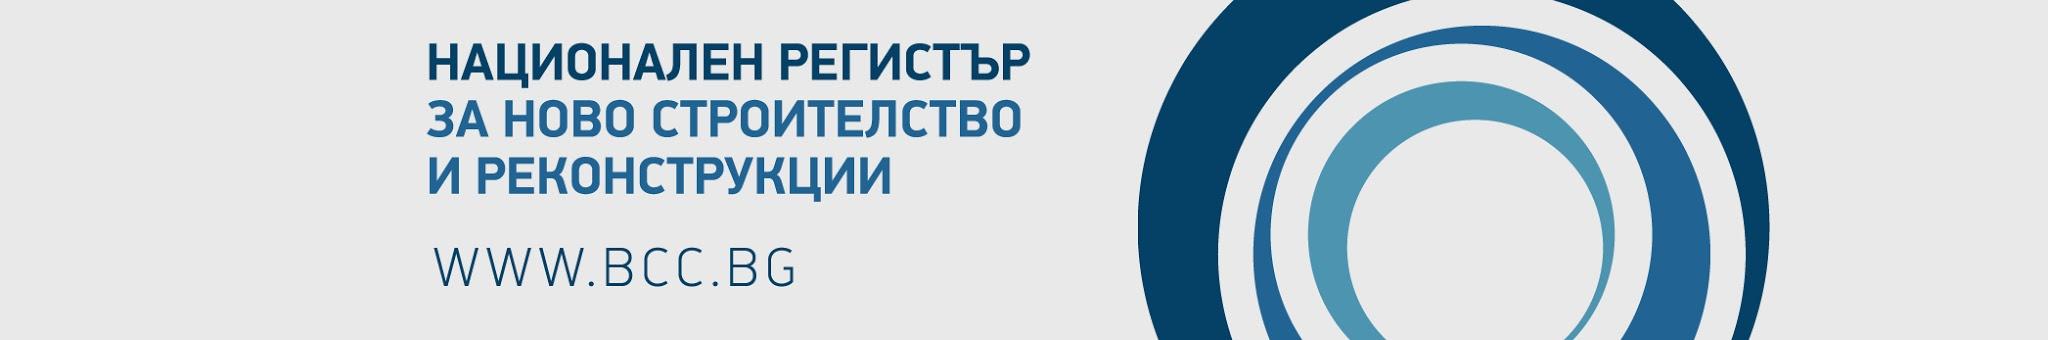 bcc.bg